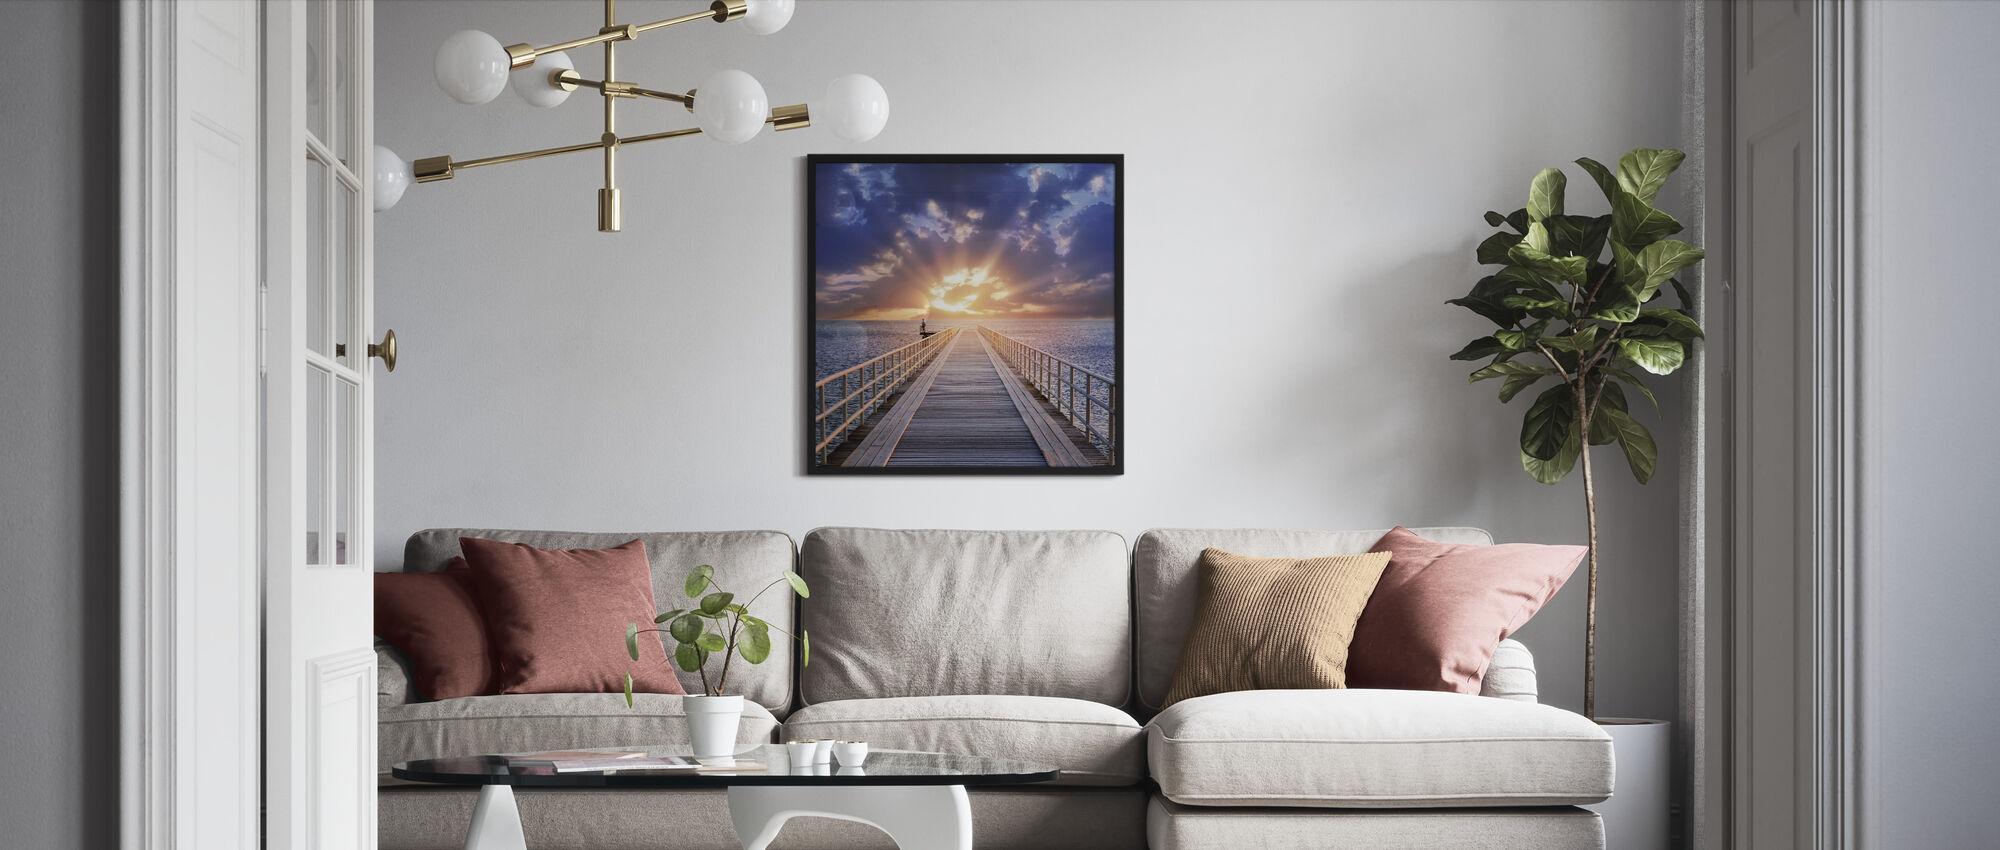 Backlight Bridge - Framed print - Living Room